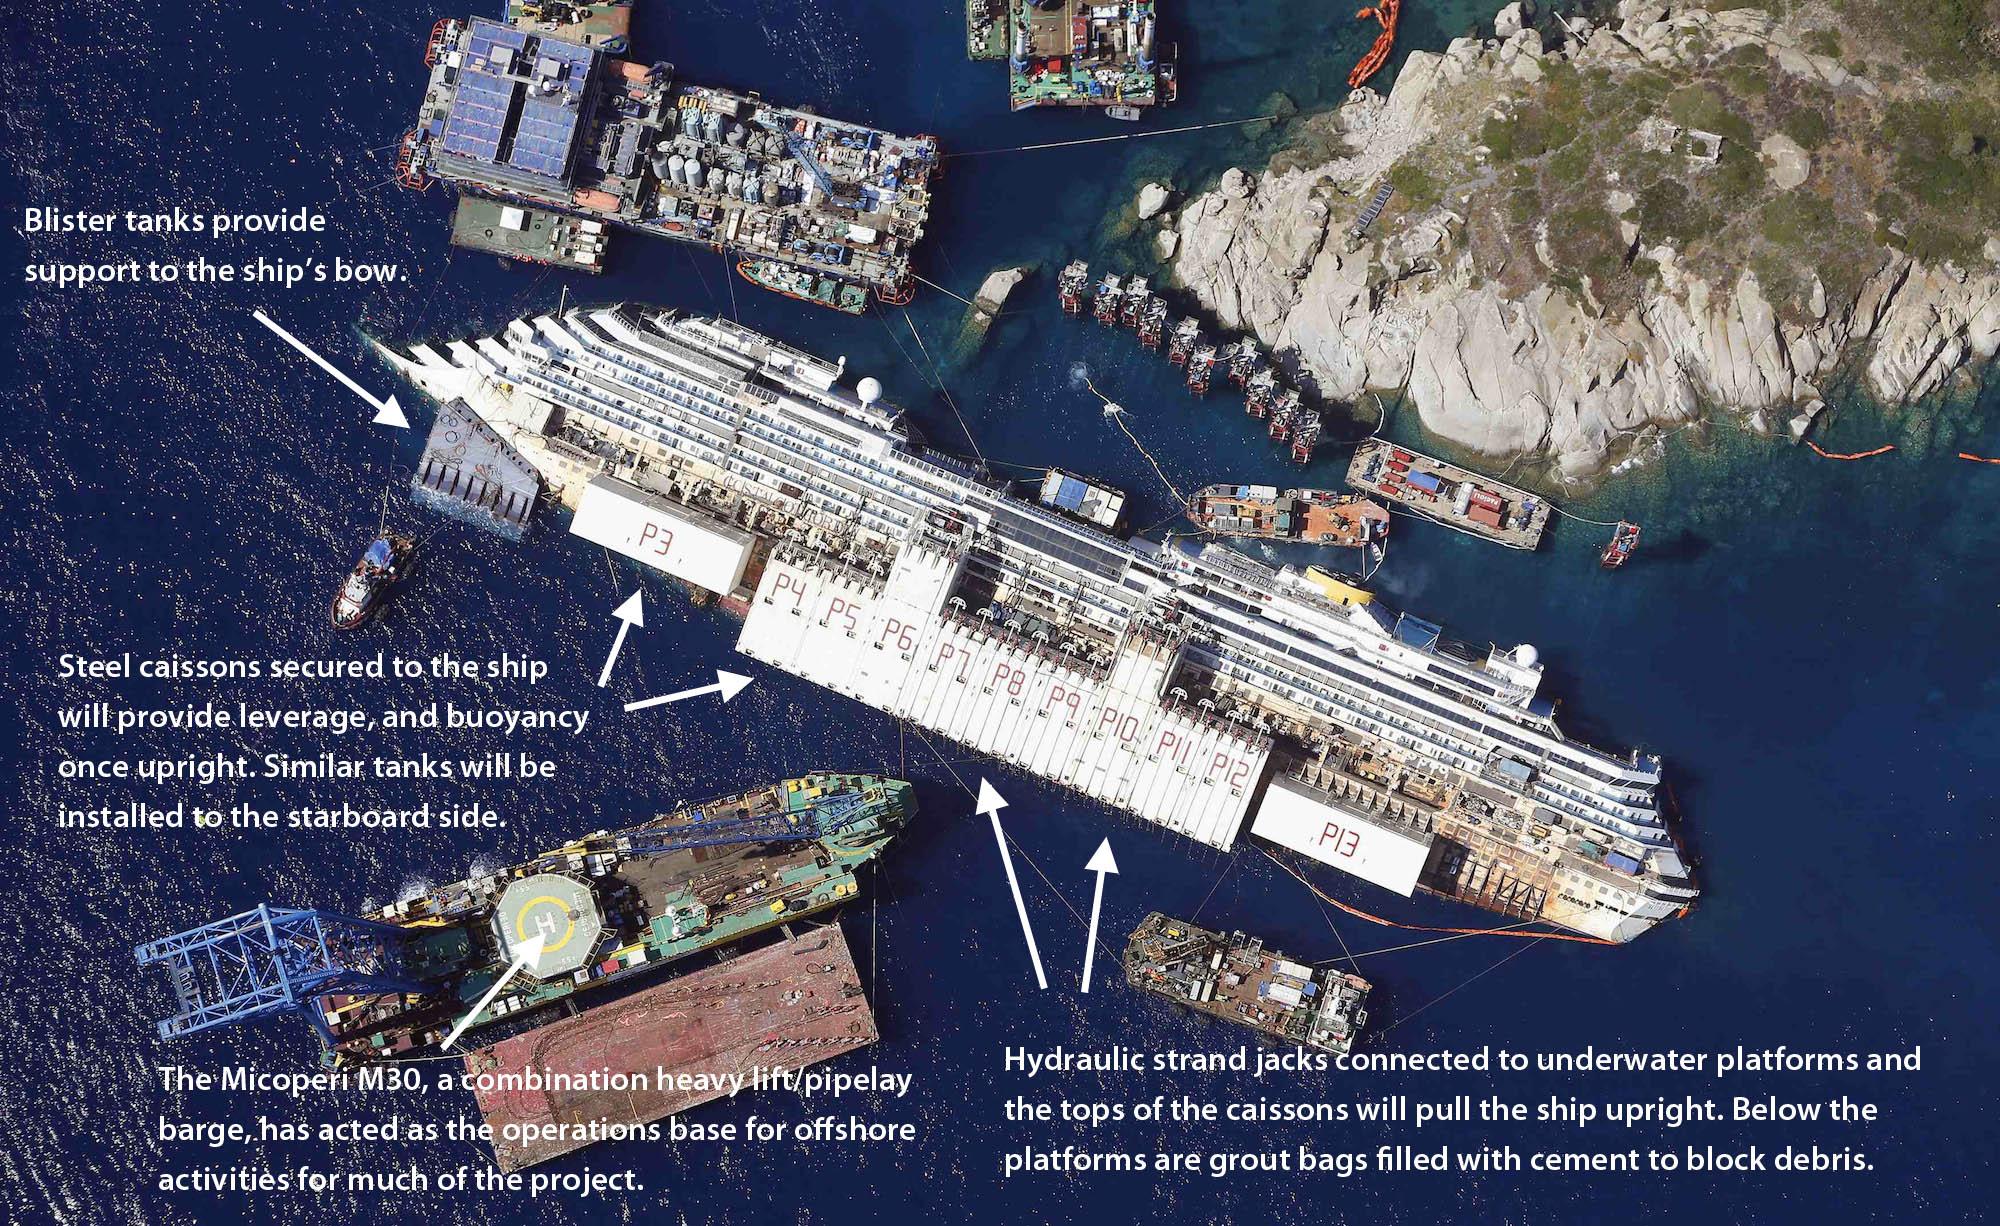 ITALY-COSTA/SHIP